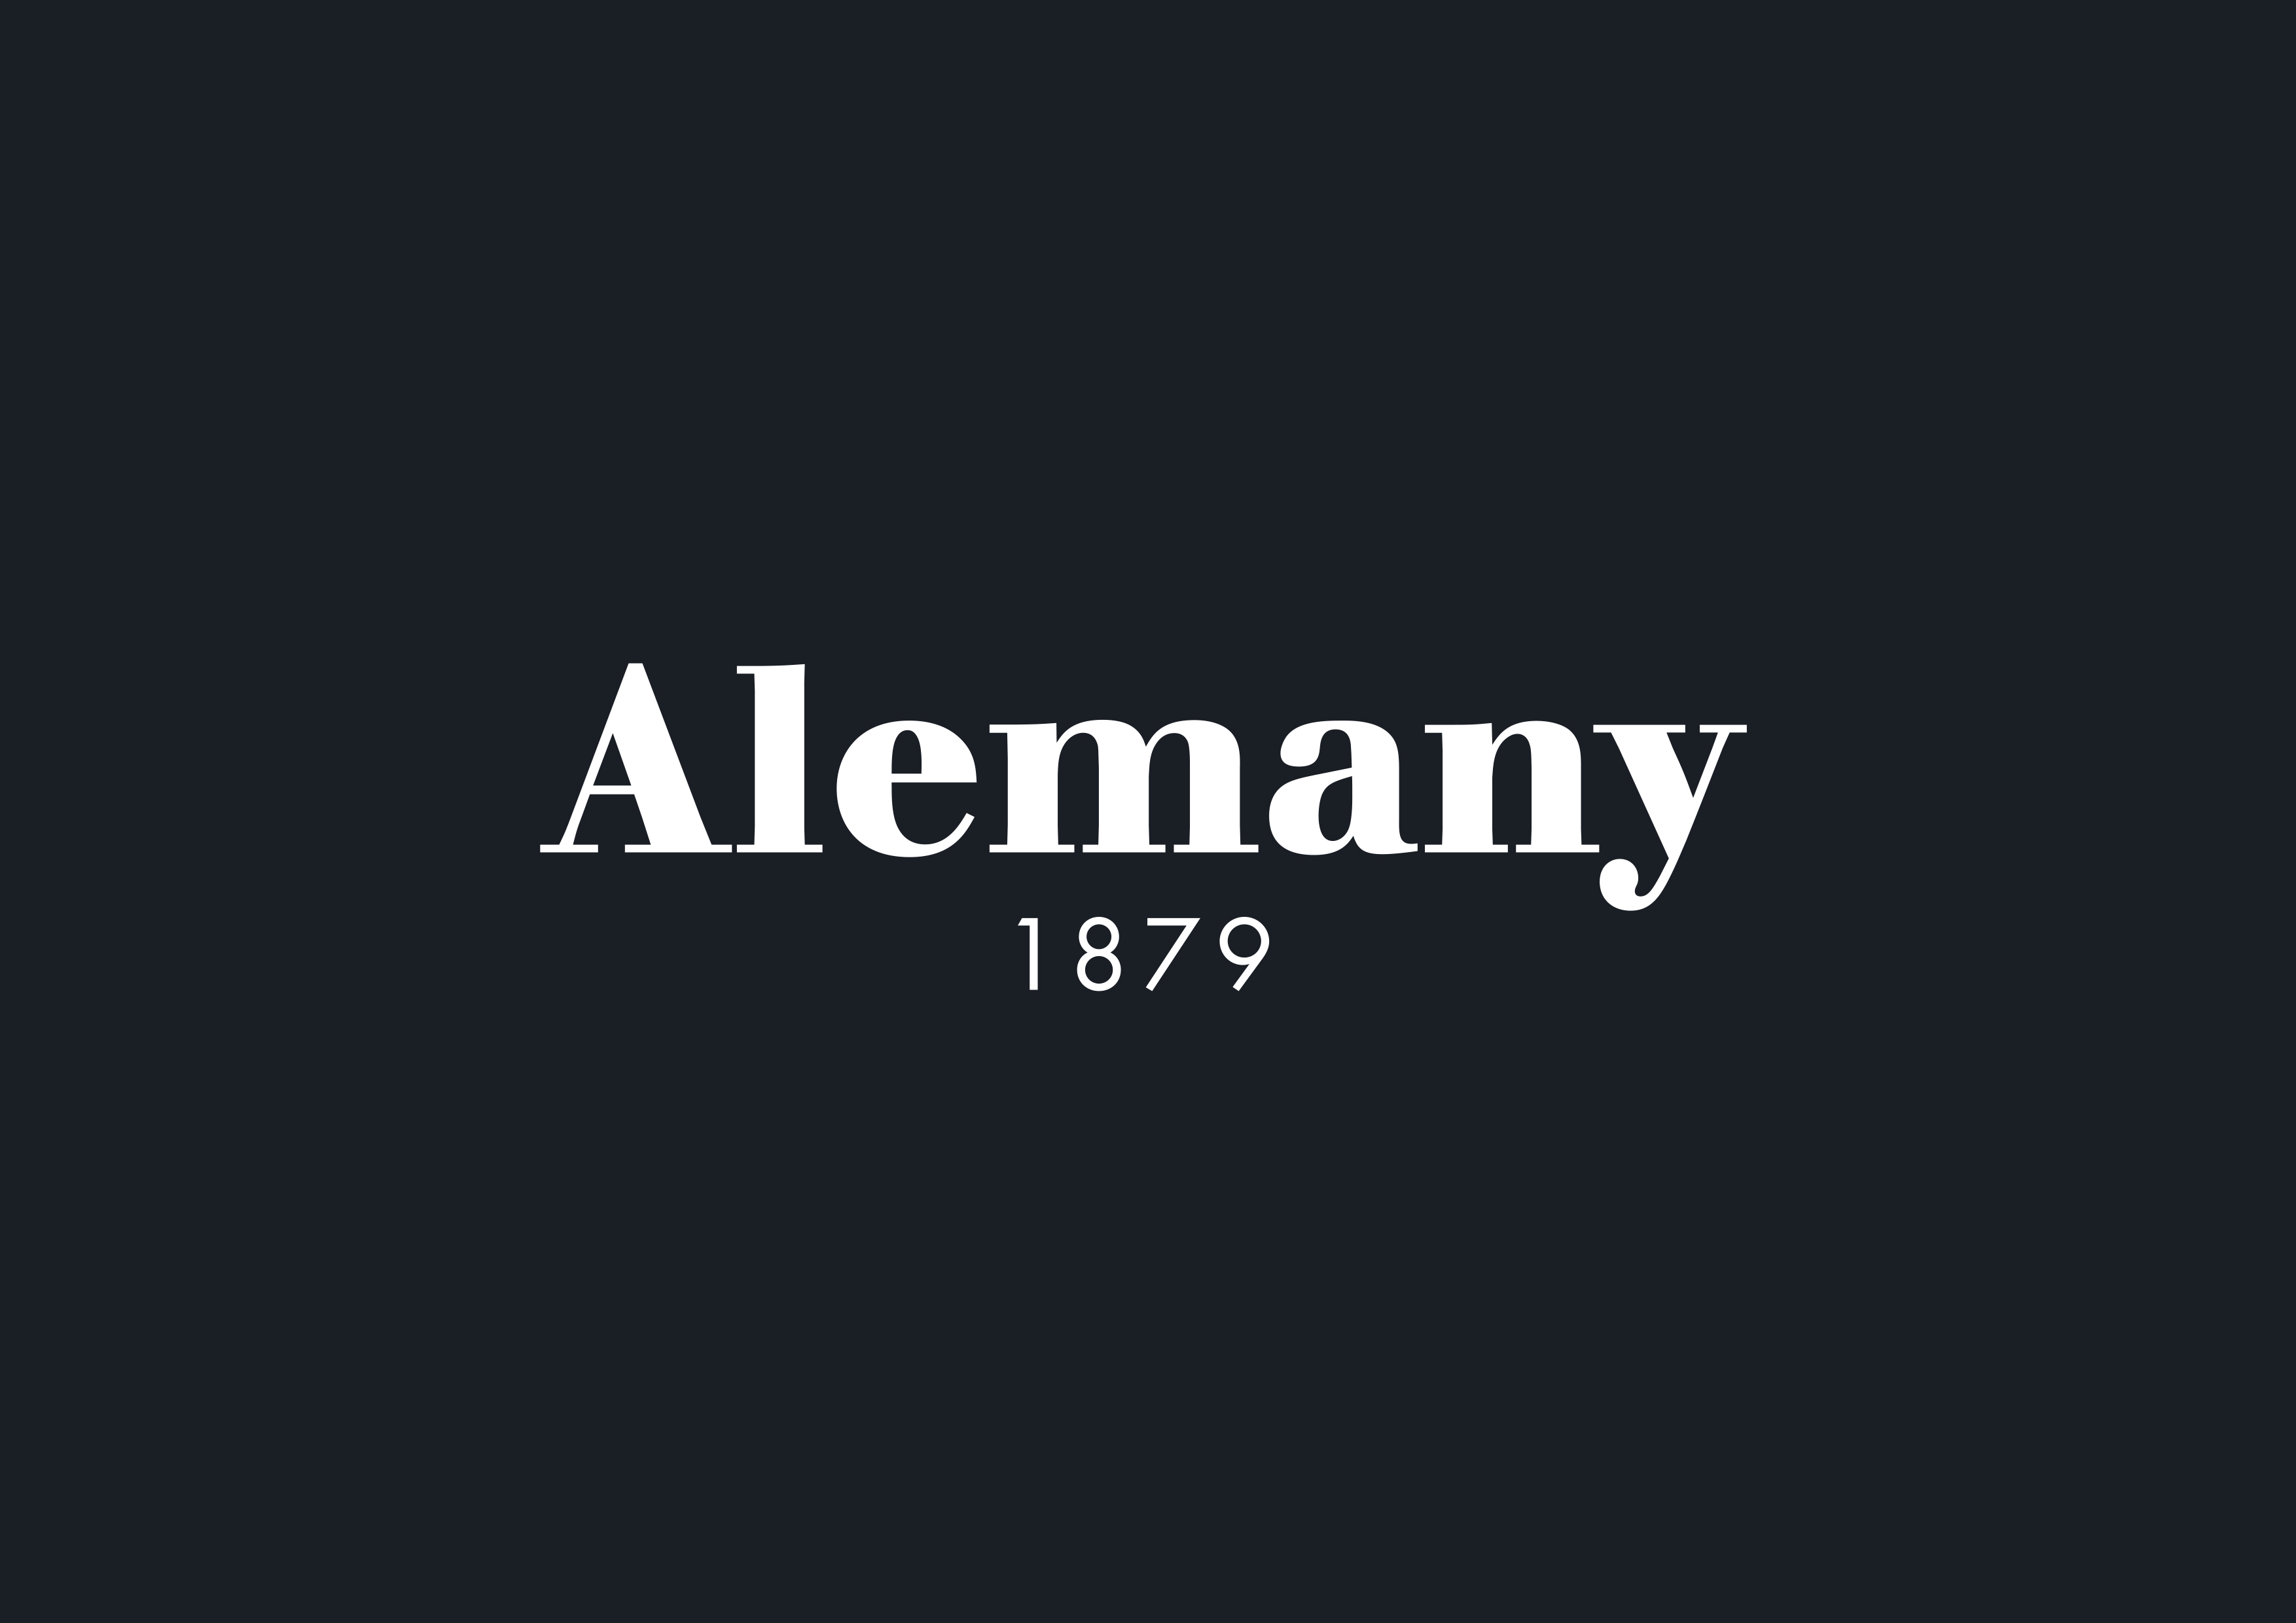 https://bcntrailraces.com/wp-content/uploads/2021/10/Alemany-Logotip-negre.jpg